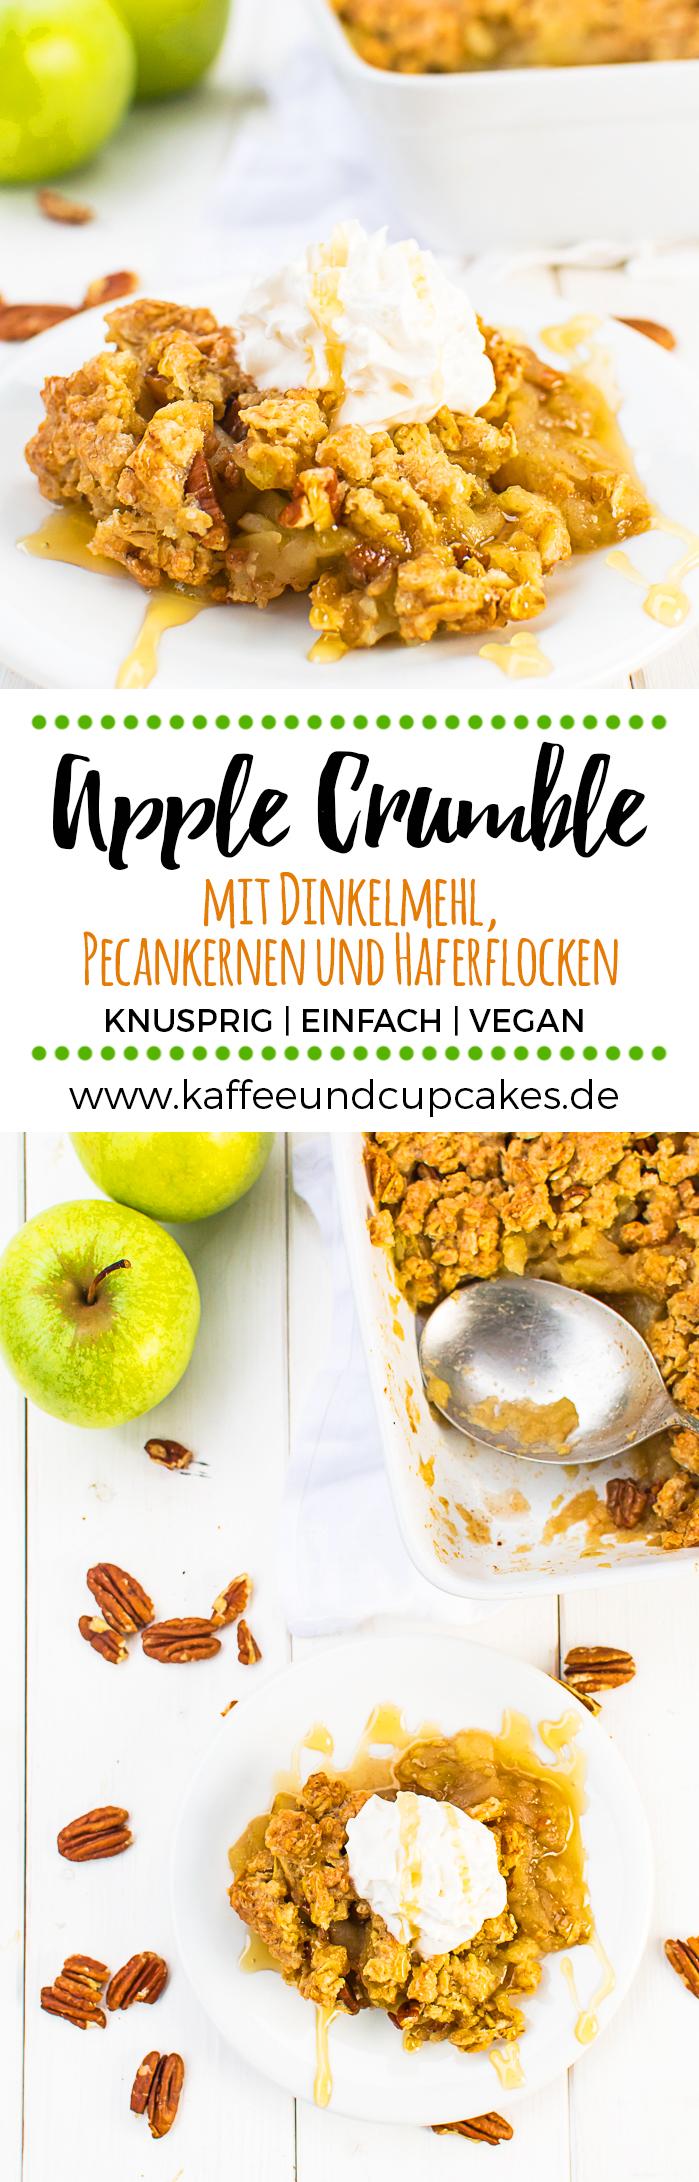 Apple Crumble mit Dinkelmehl, Pecankernen und Haferflocken (vegan)